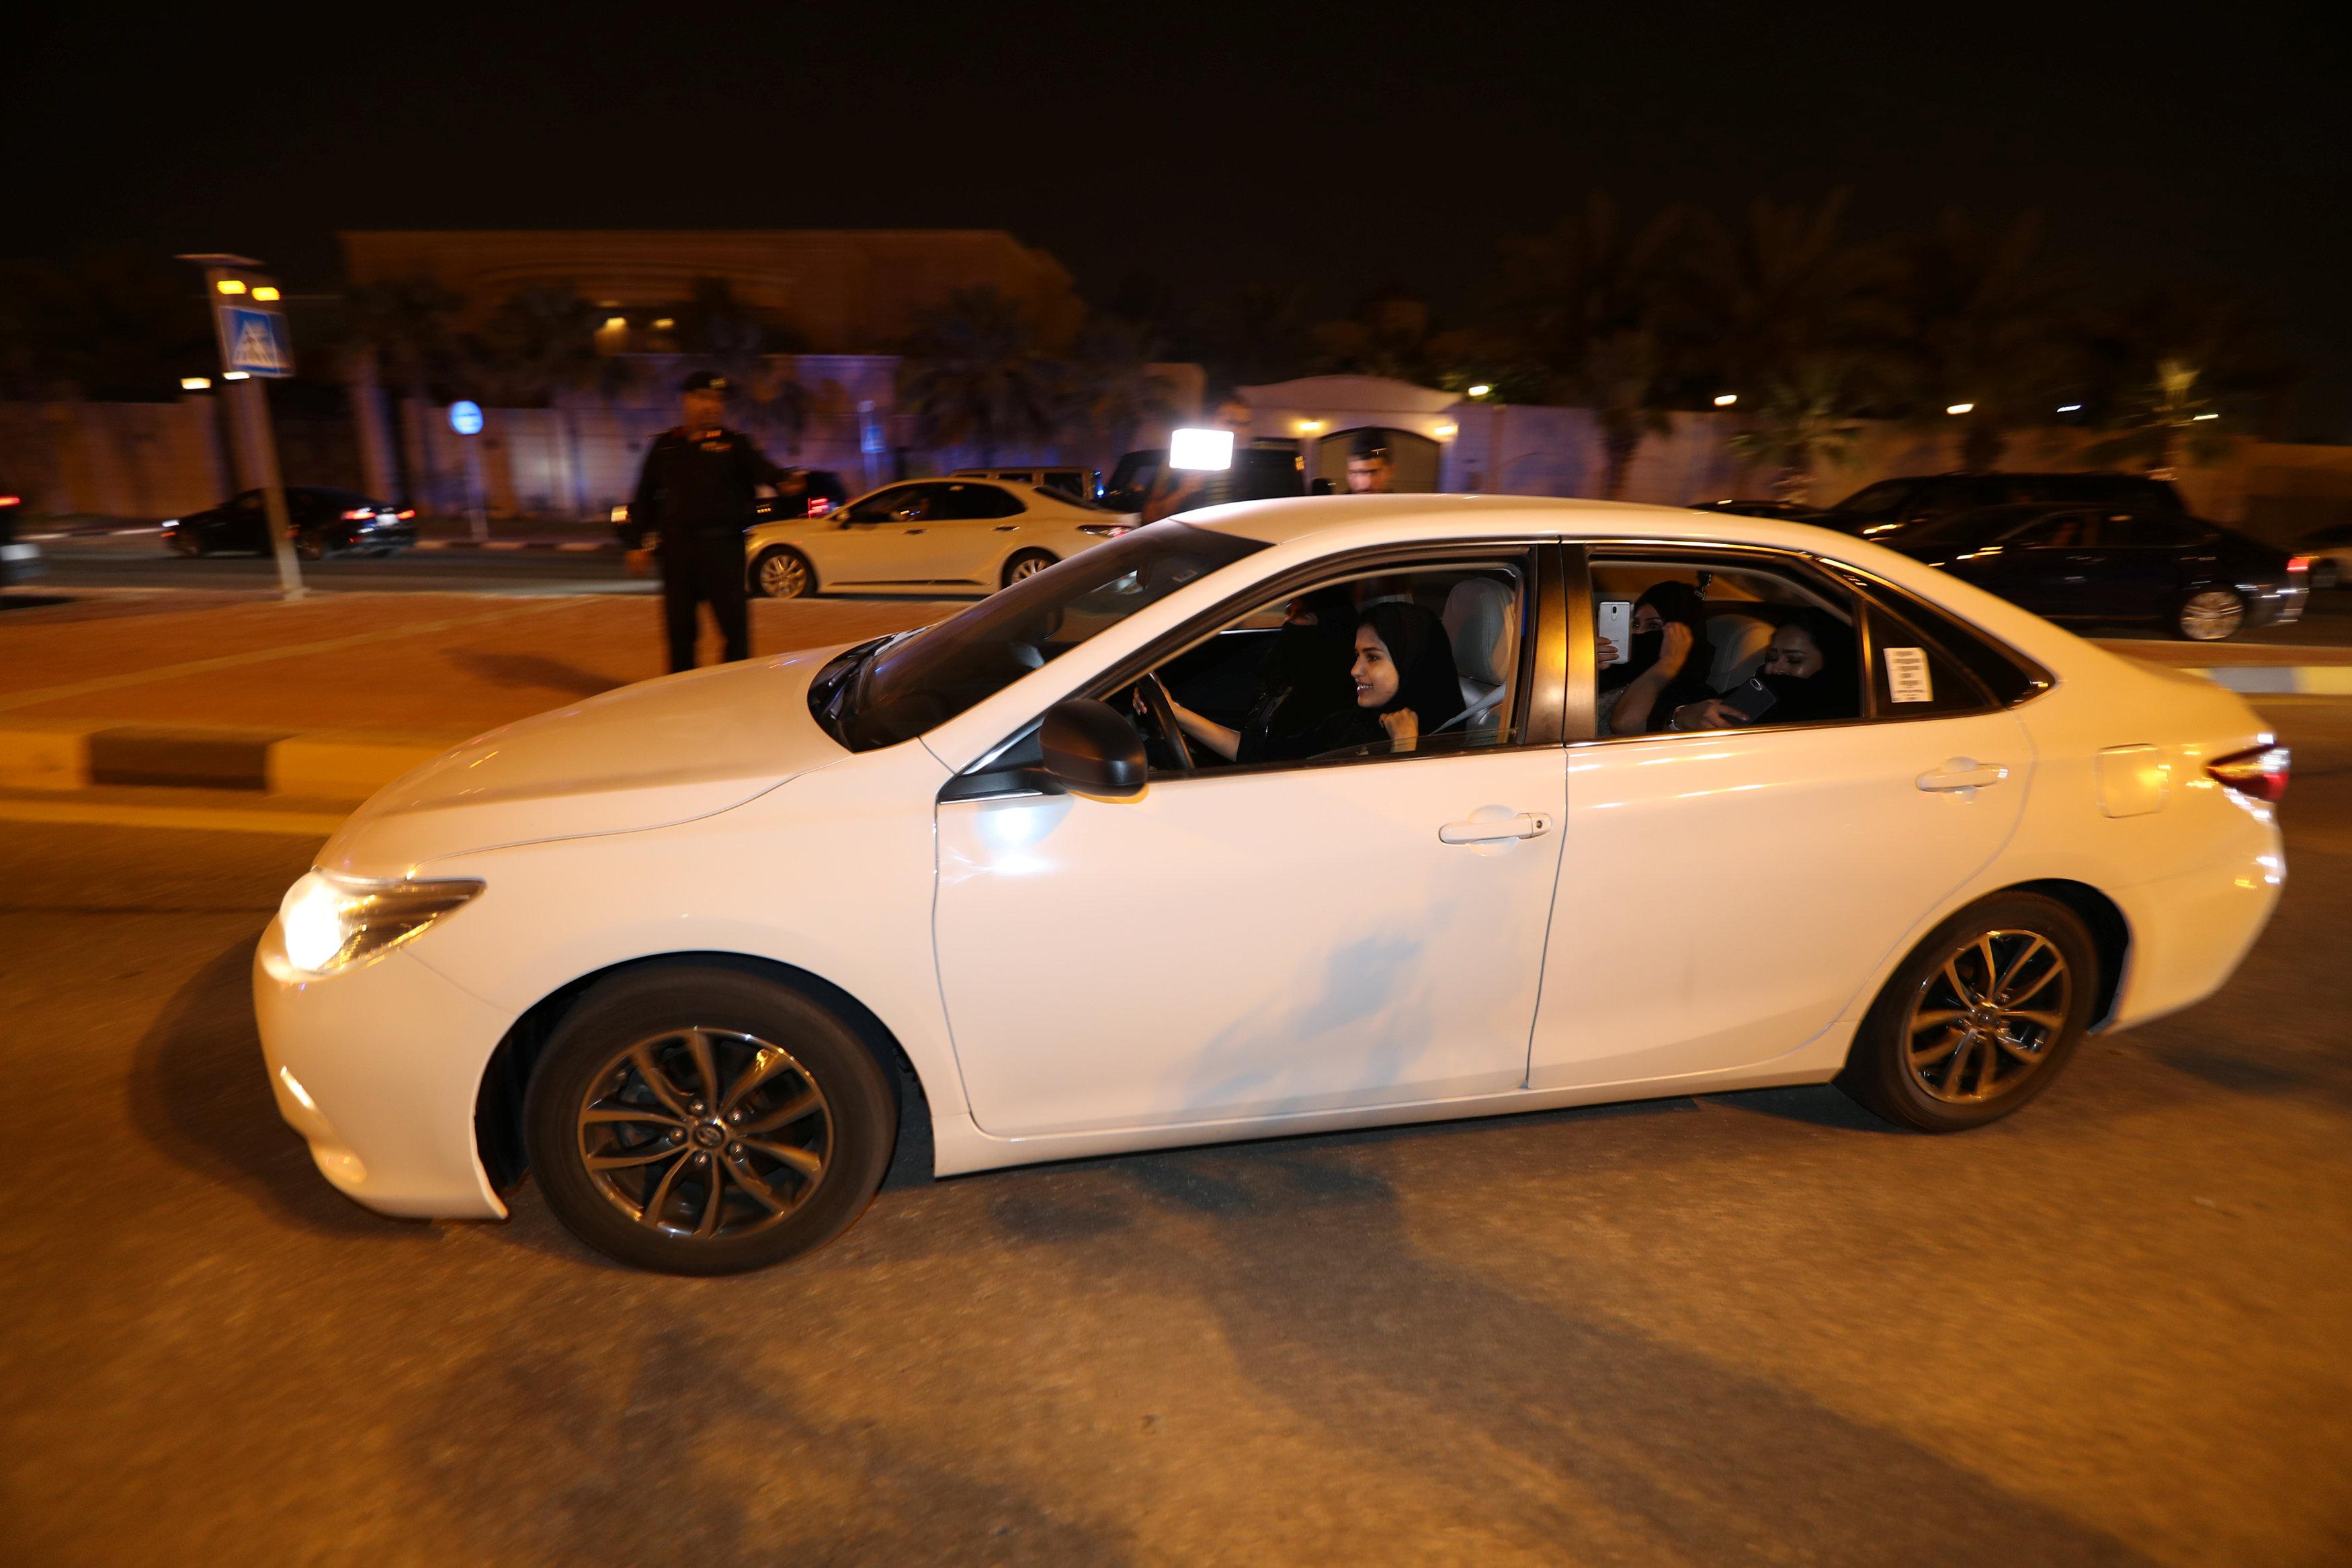 فتاة سعودية تقود السيارة فى مدينة الخبر السعودية